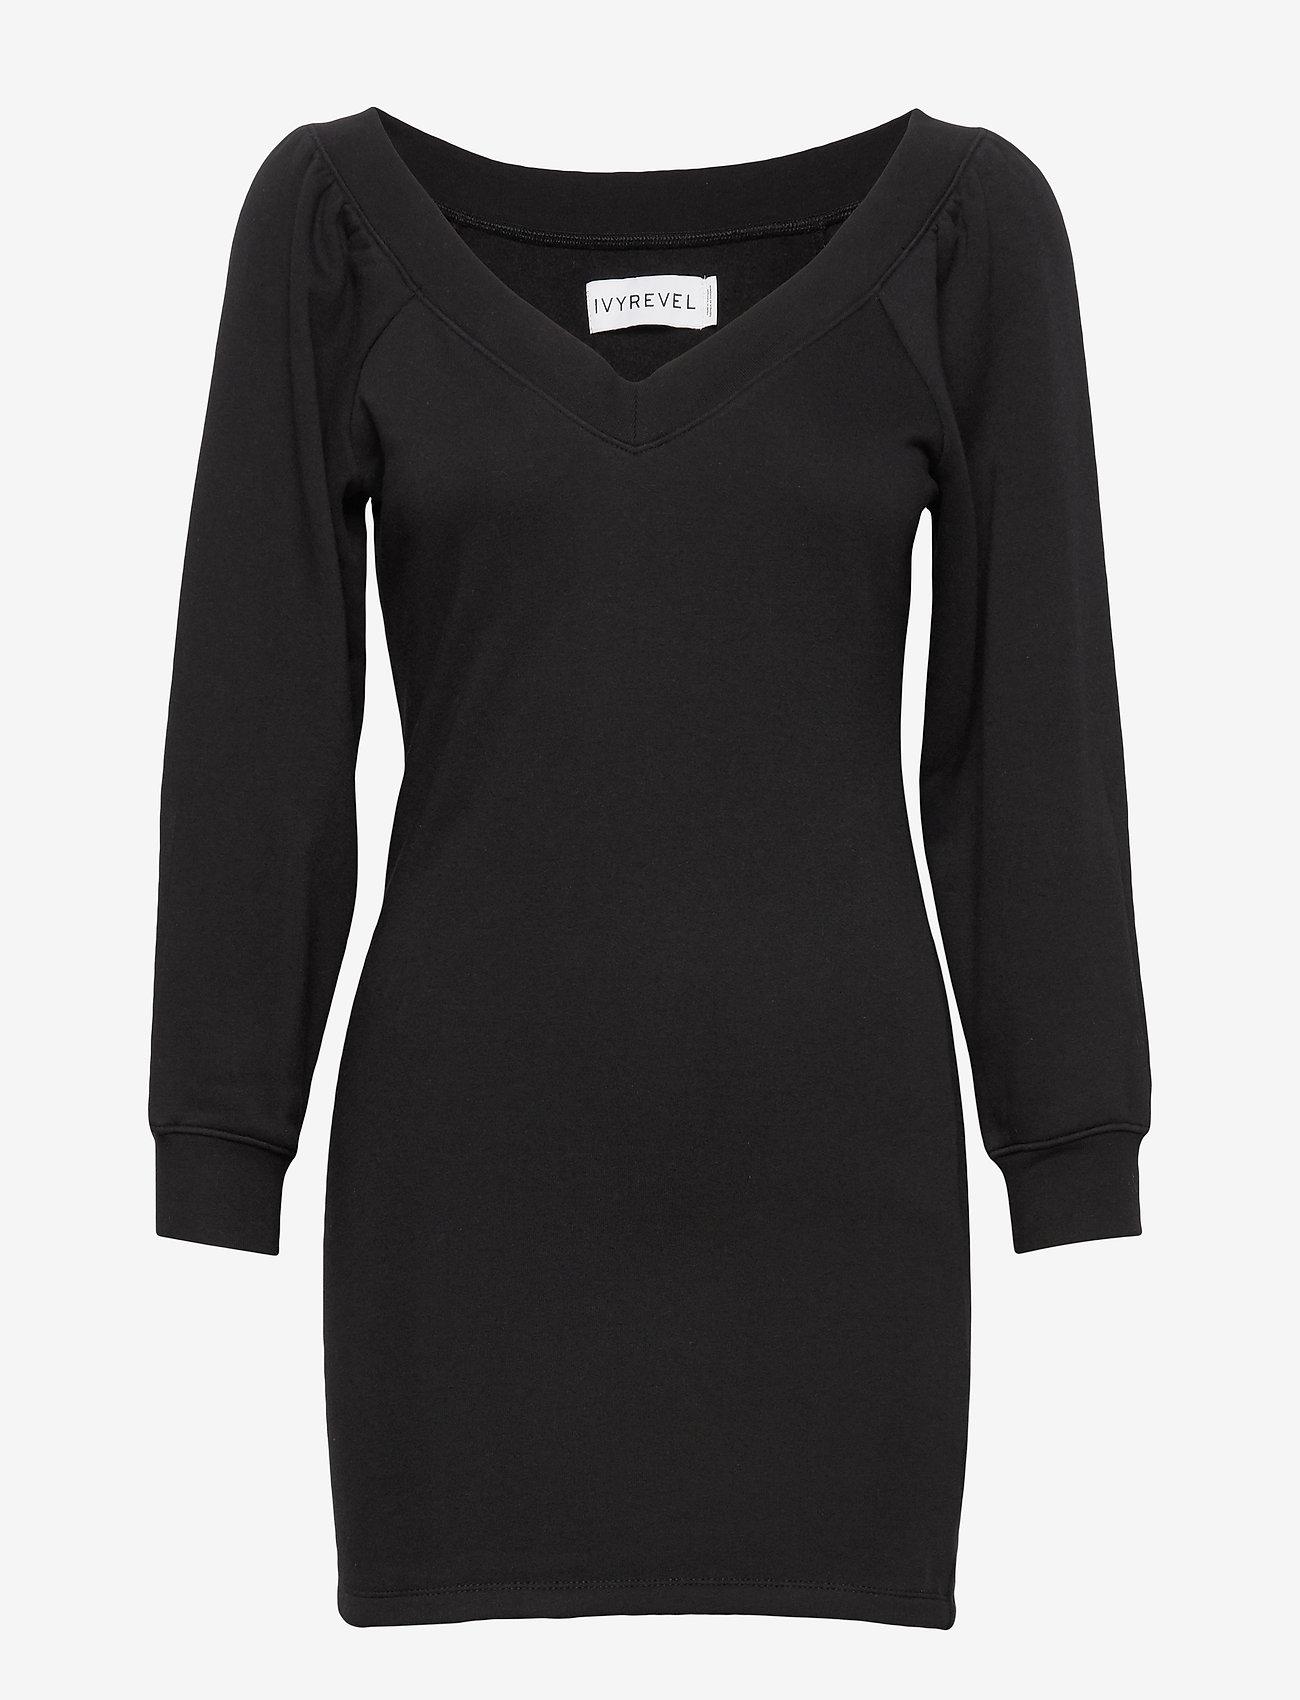 Ivyrevel - OFF SHOULDER SWEATER DRESS - robes de jour - black - 0